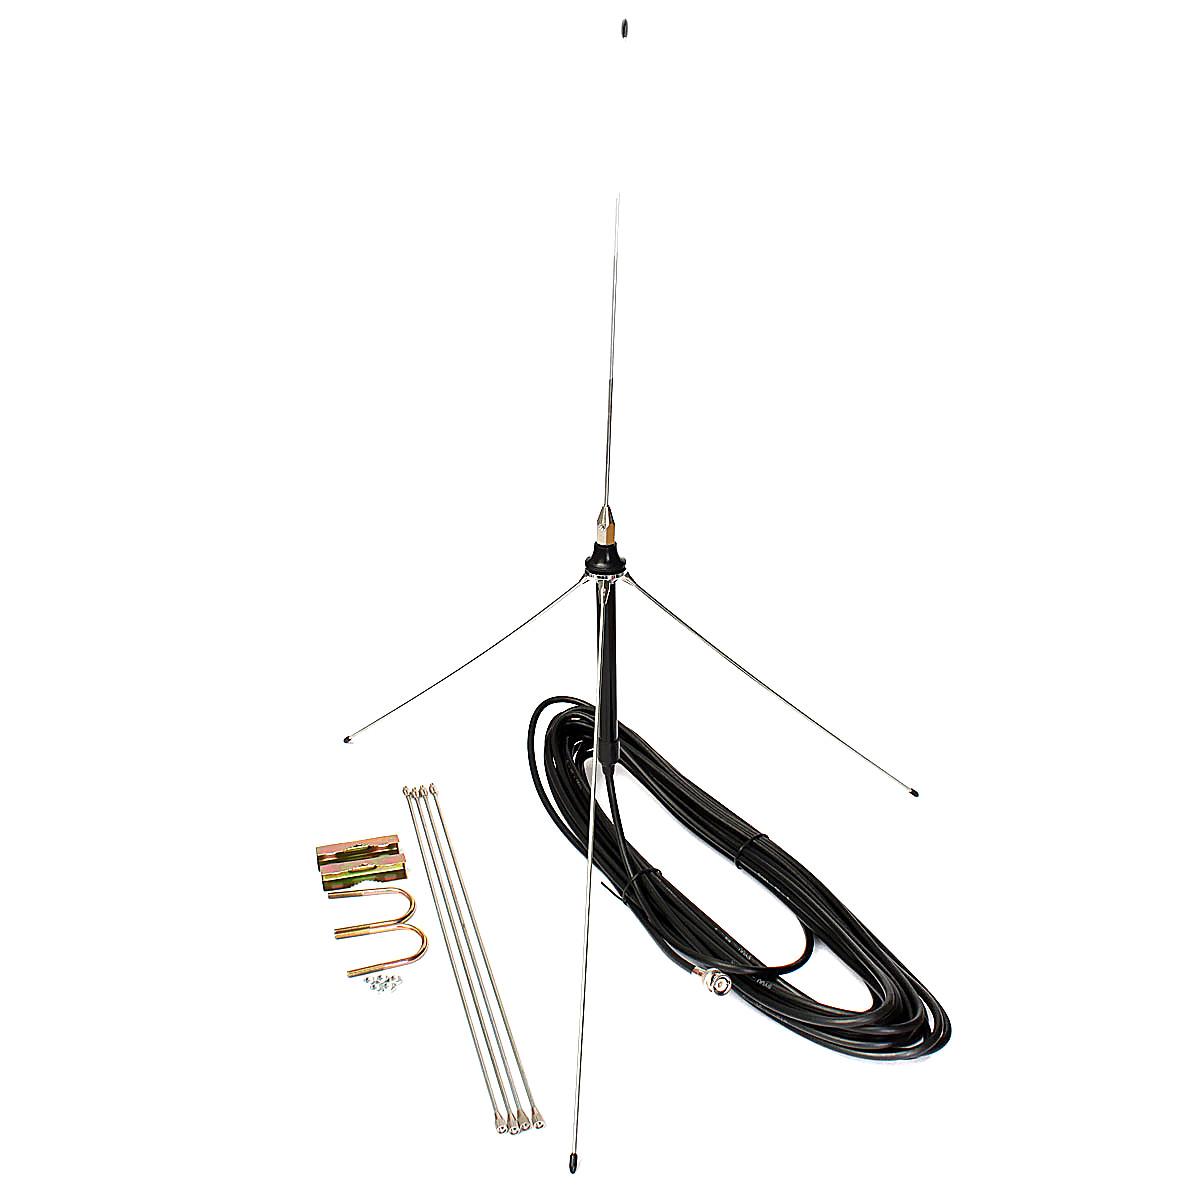 15 watt fm transmitter